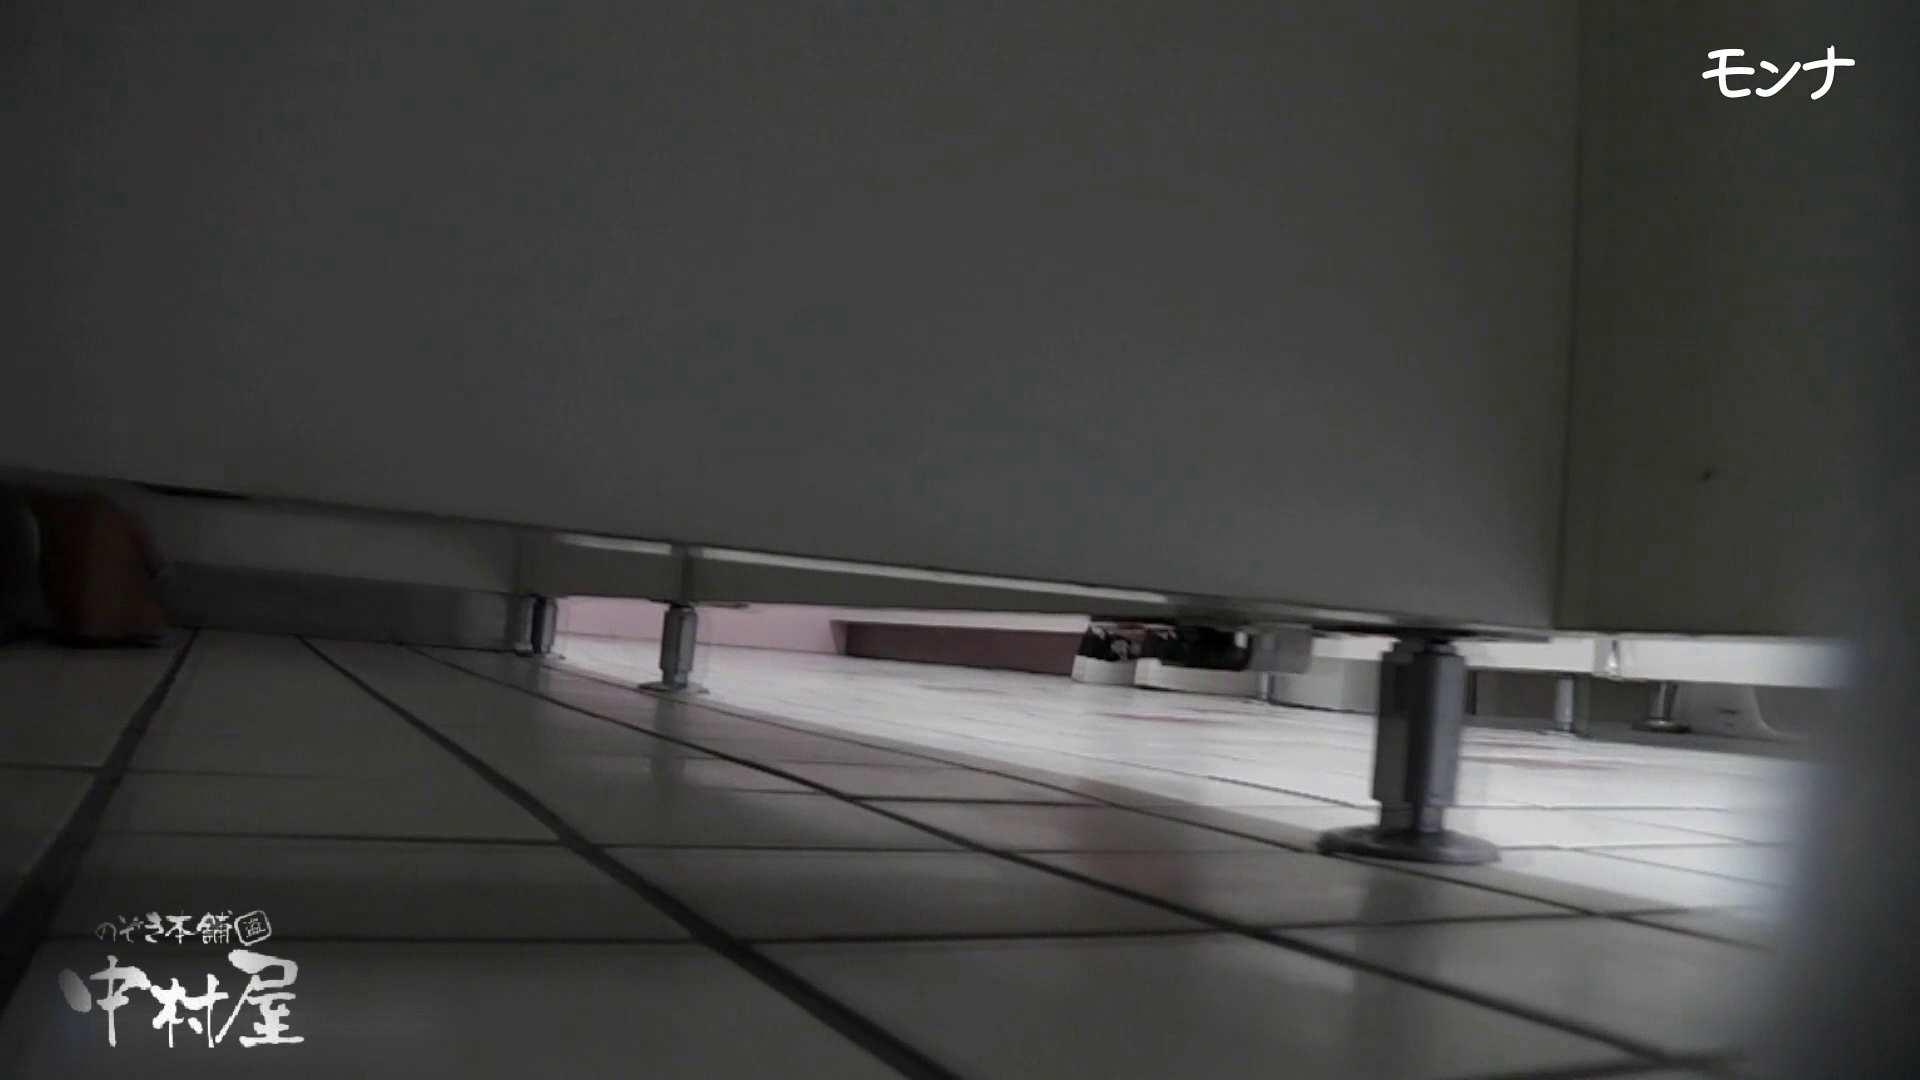 【美しい日本の未来】美しい日本の未来 No.69 ひやっと!終始15cmのしらすを垂らしながら・・・ OLハメ撮り  105Pix 93